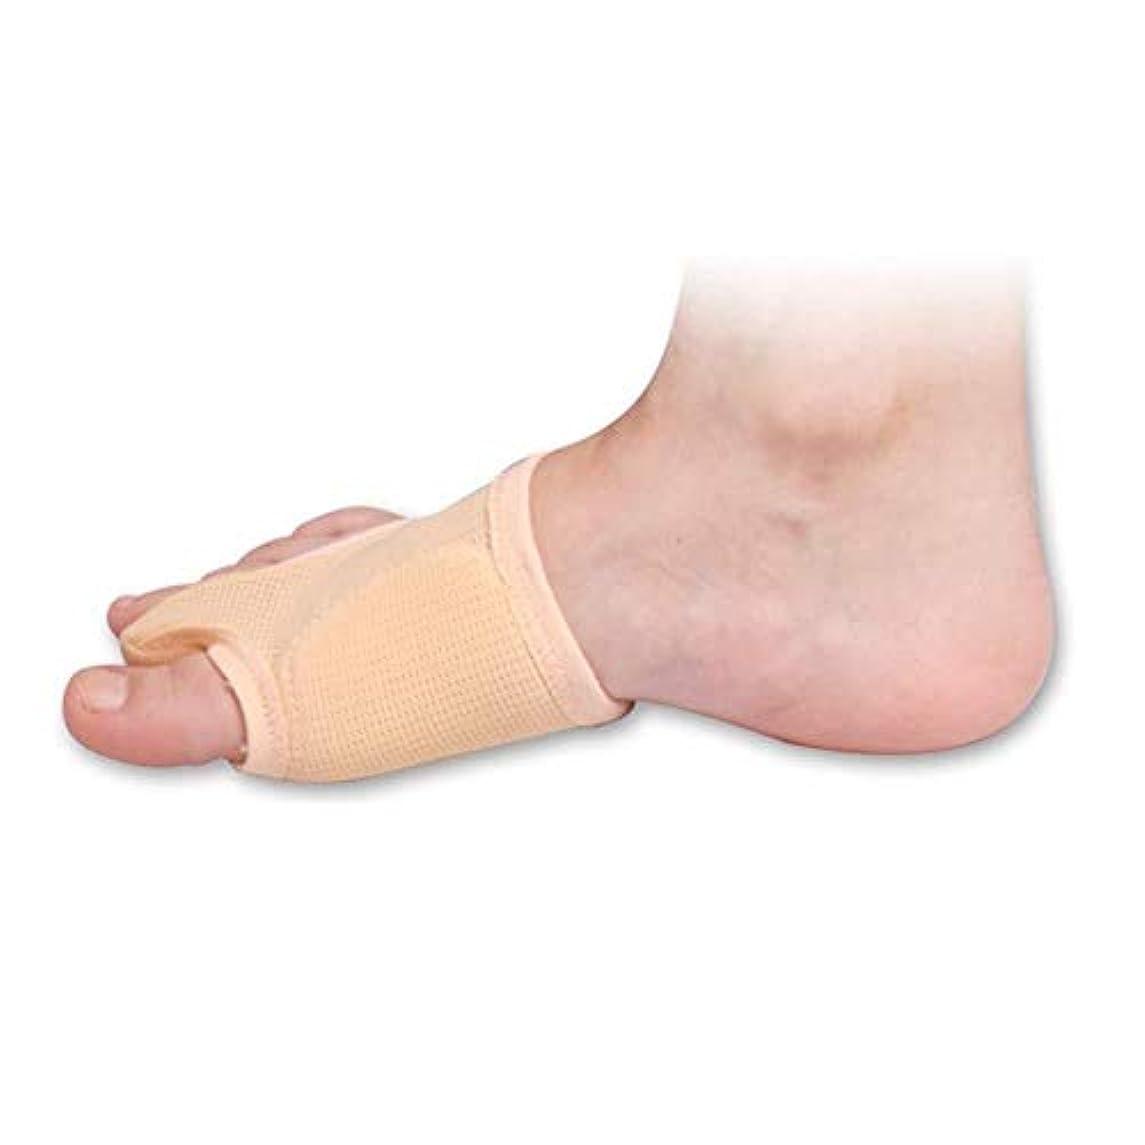 略語始まりレギュラー外反母ortho装具、外反母separatorセパレーターつま先セパレーター超ソフトで快適なハンマーヘッドの痛み,Right Foot-S